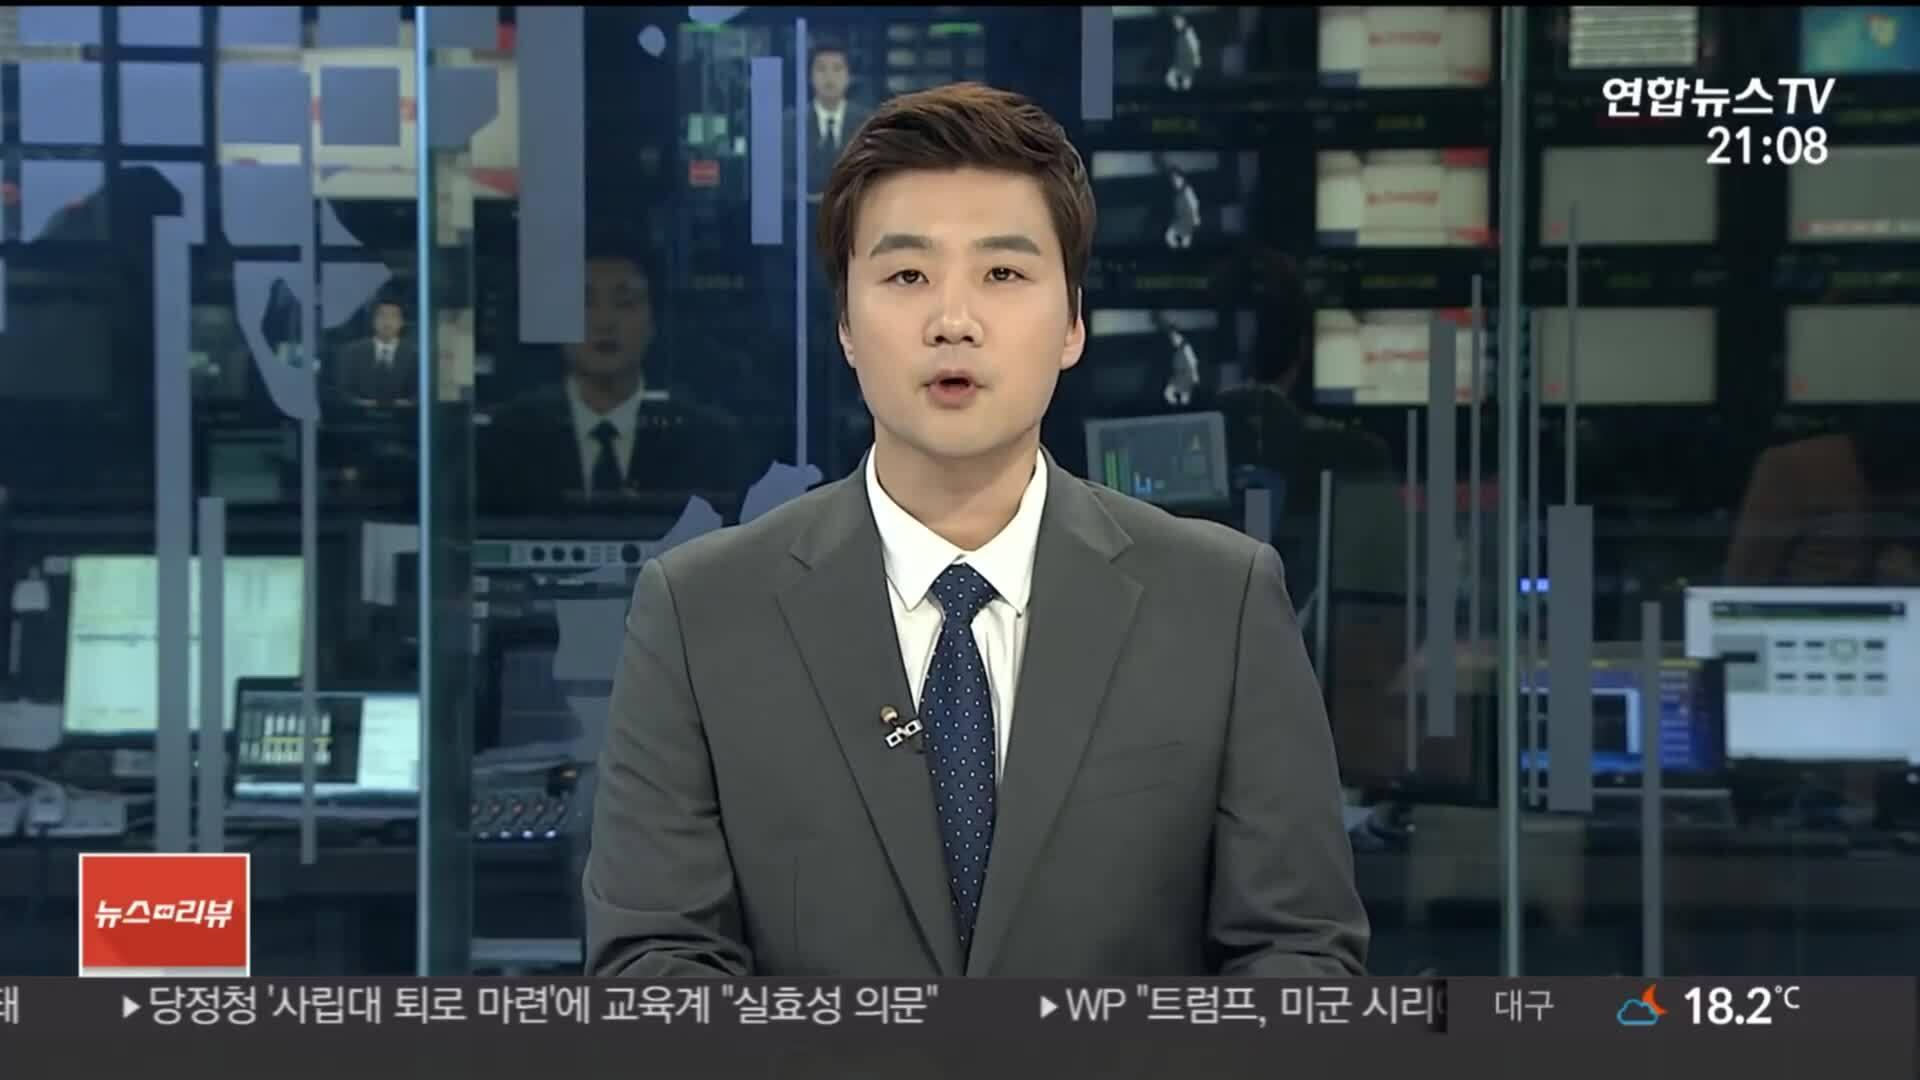 Truyền thông Hàn đưa tin về cái chết của Sulli